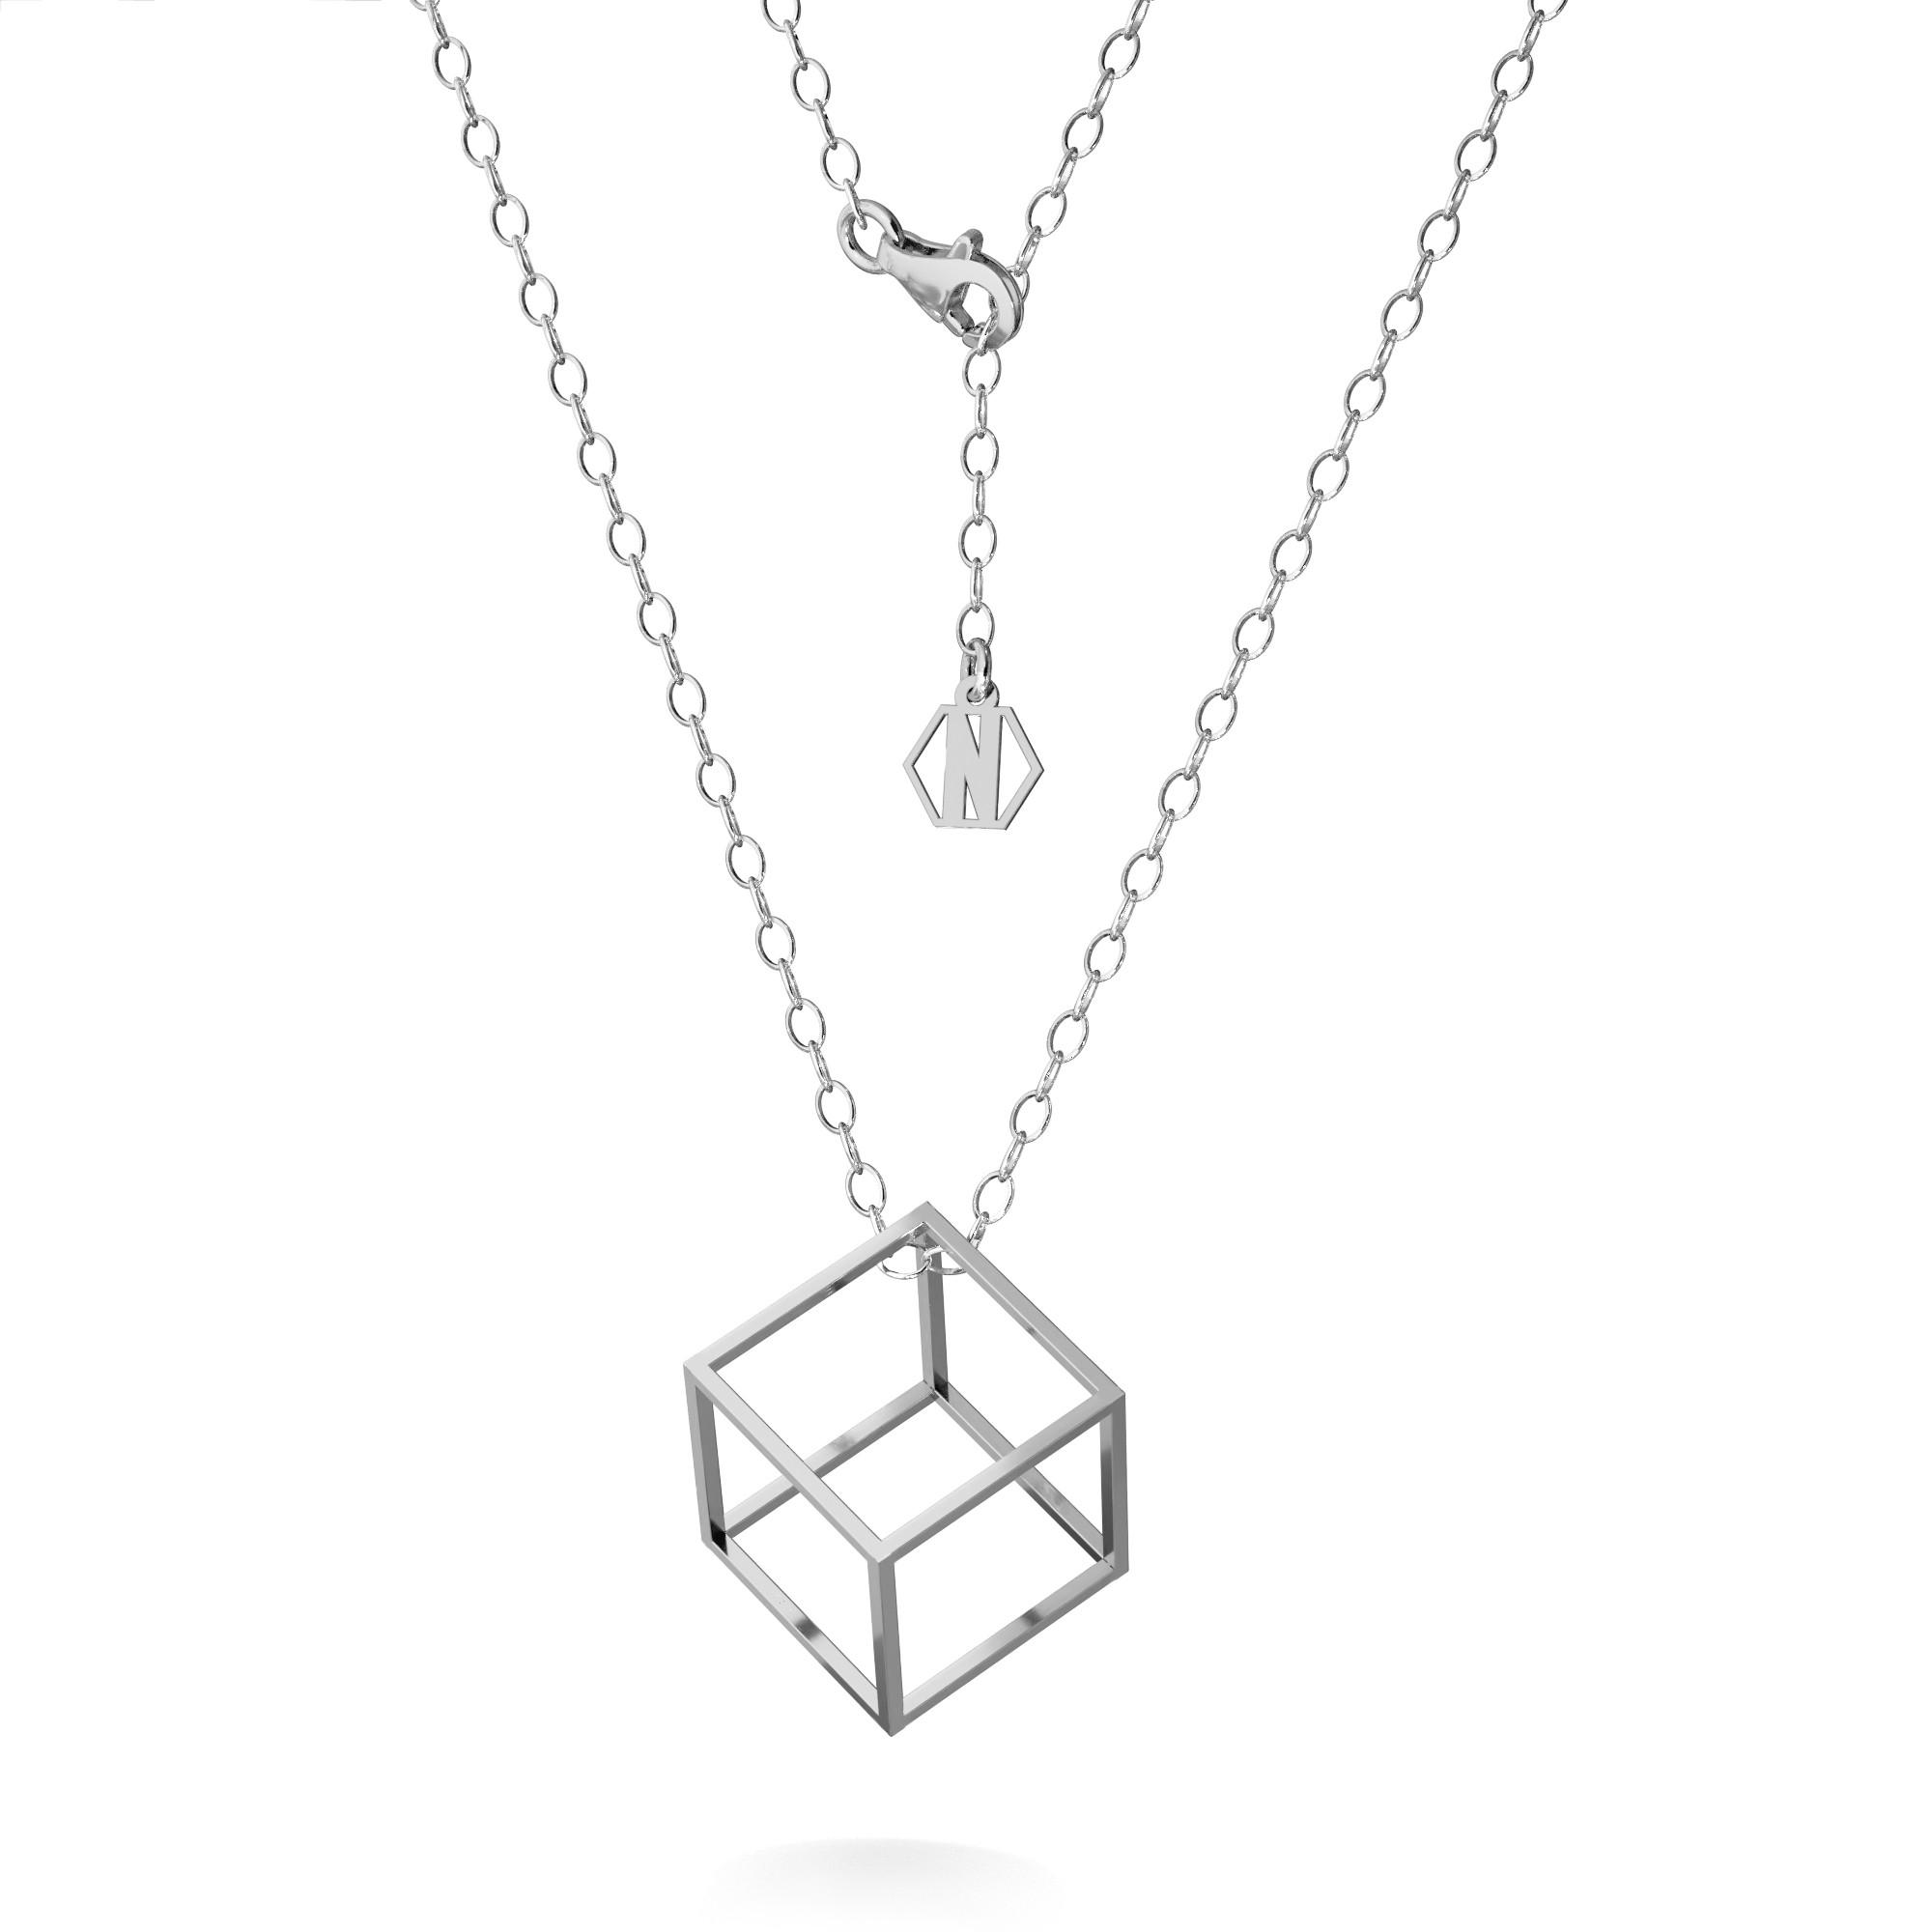 Srebrny naszyjnik kostka 3D celebrytka srebro 925, Nikki Lund